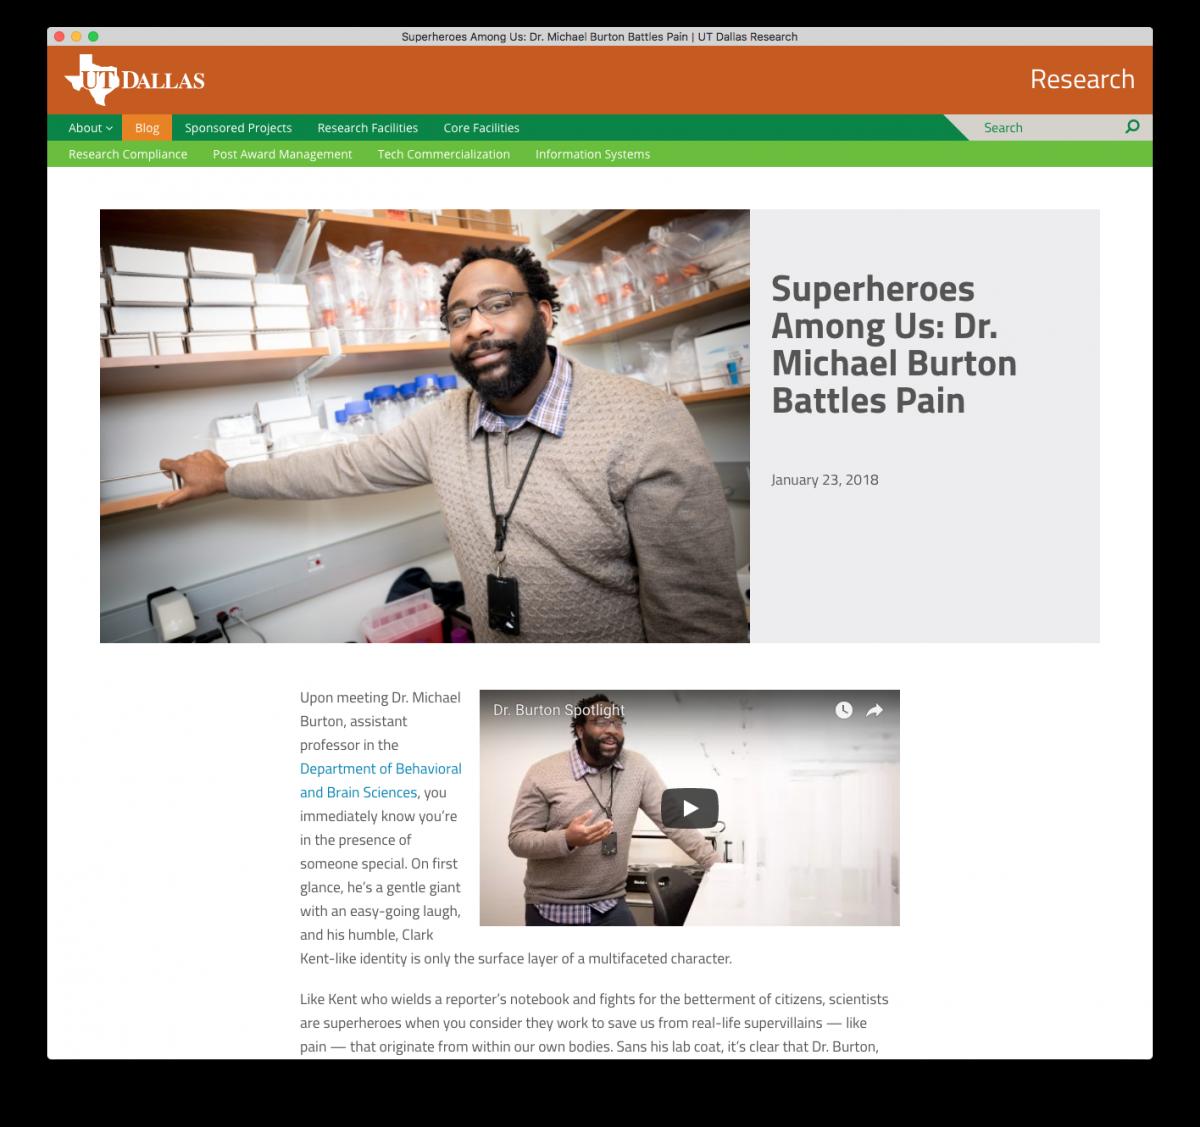 Research website screenshot